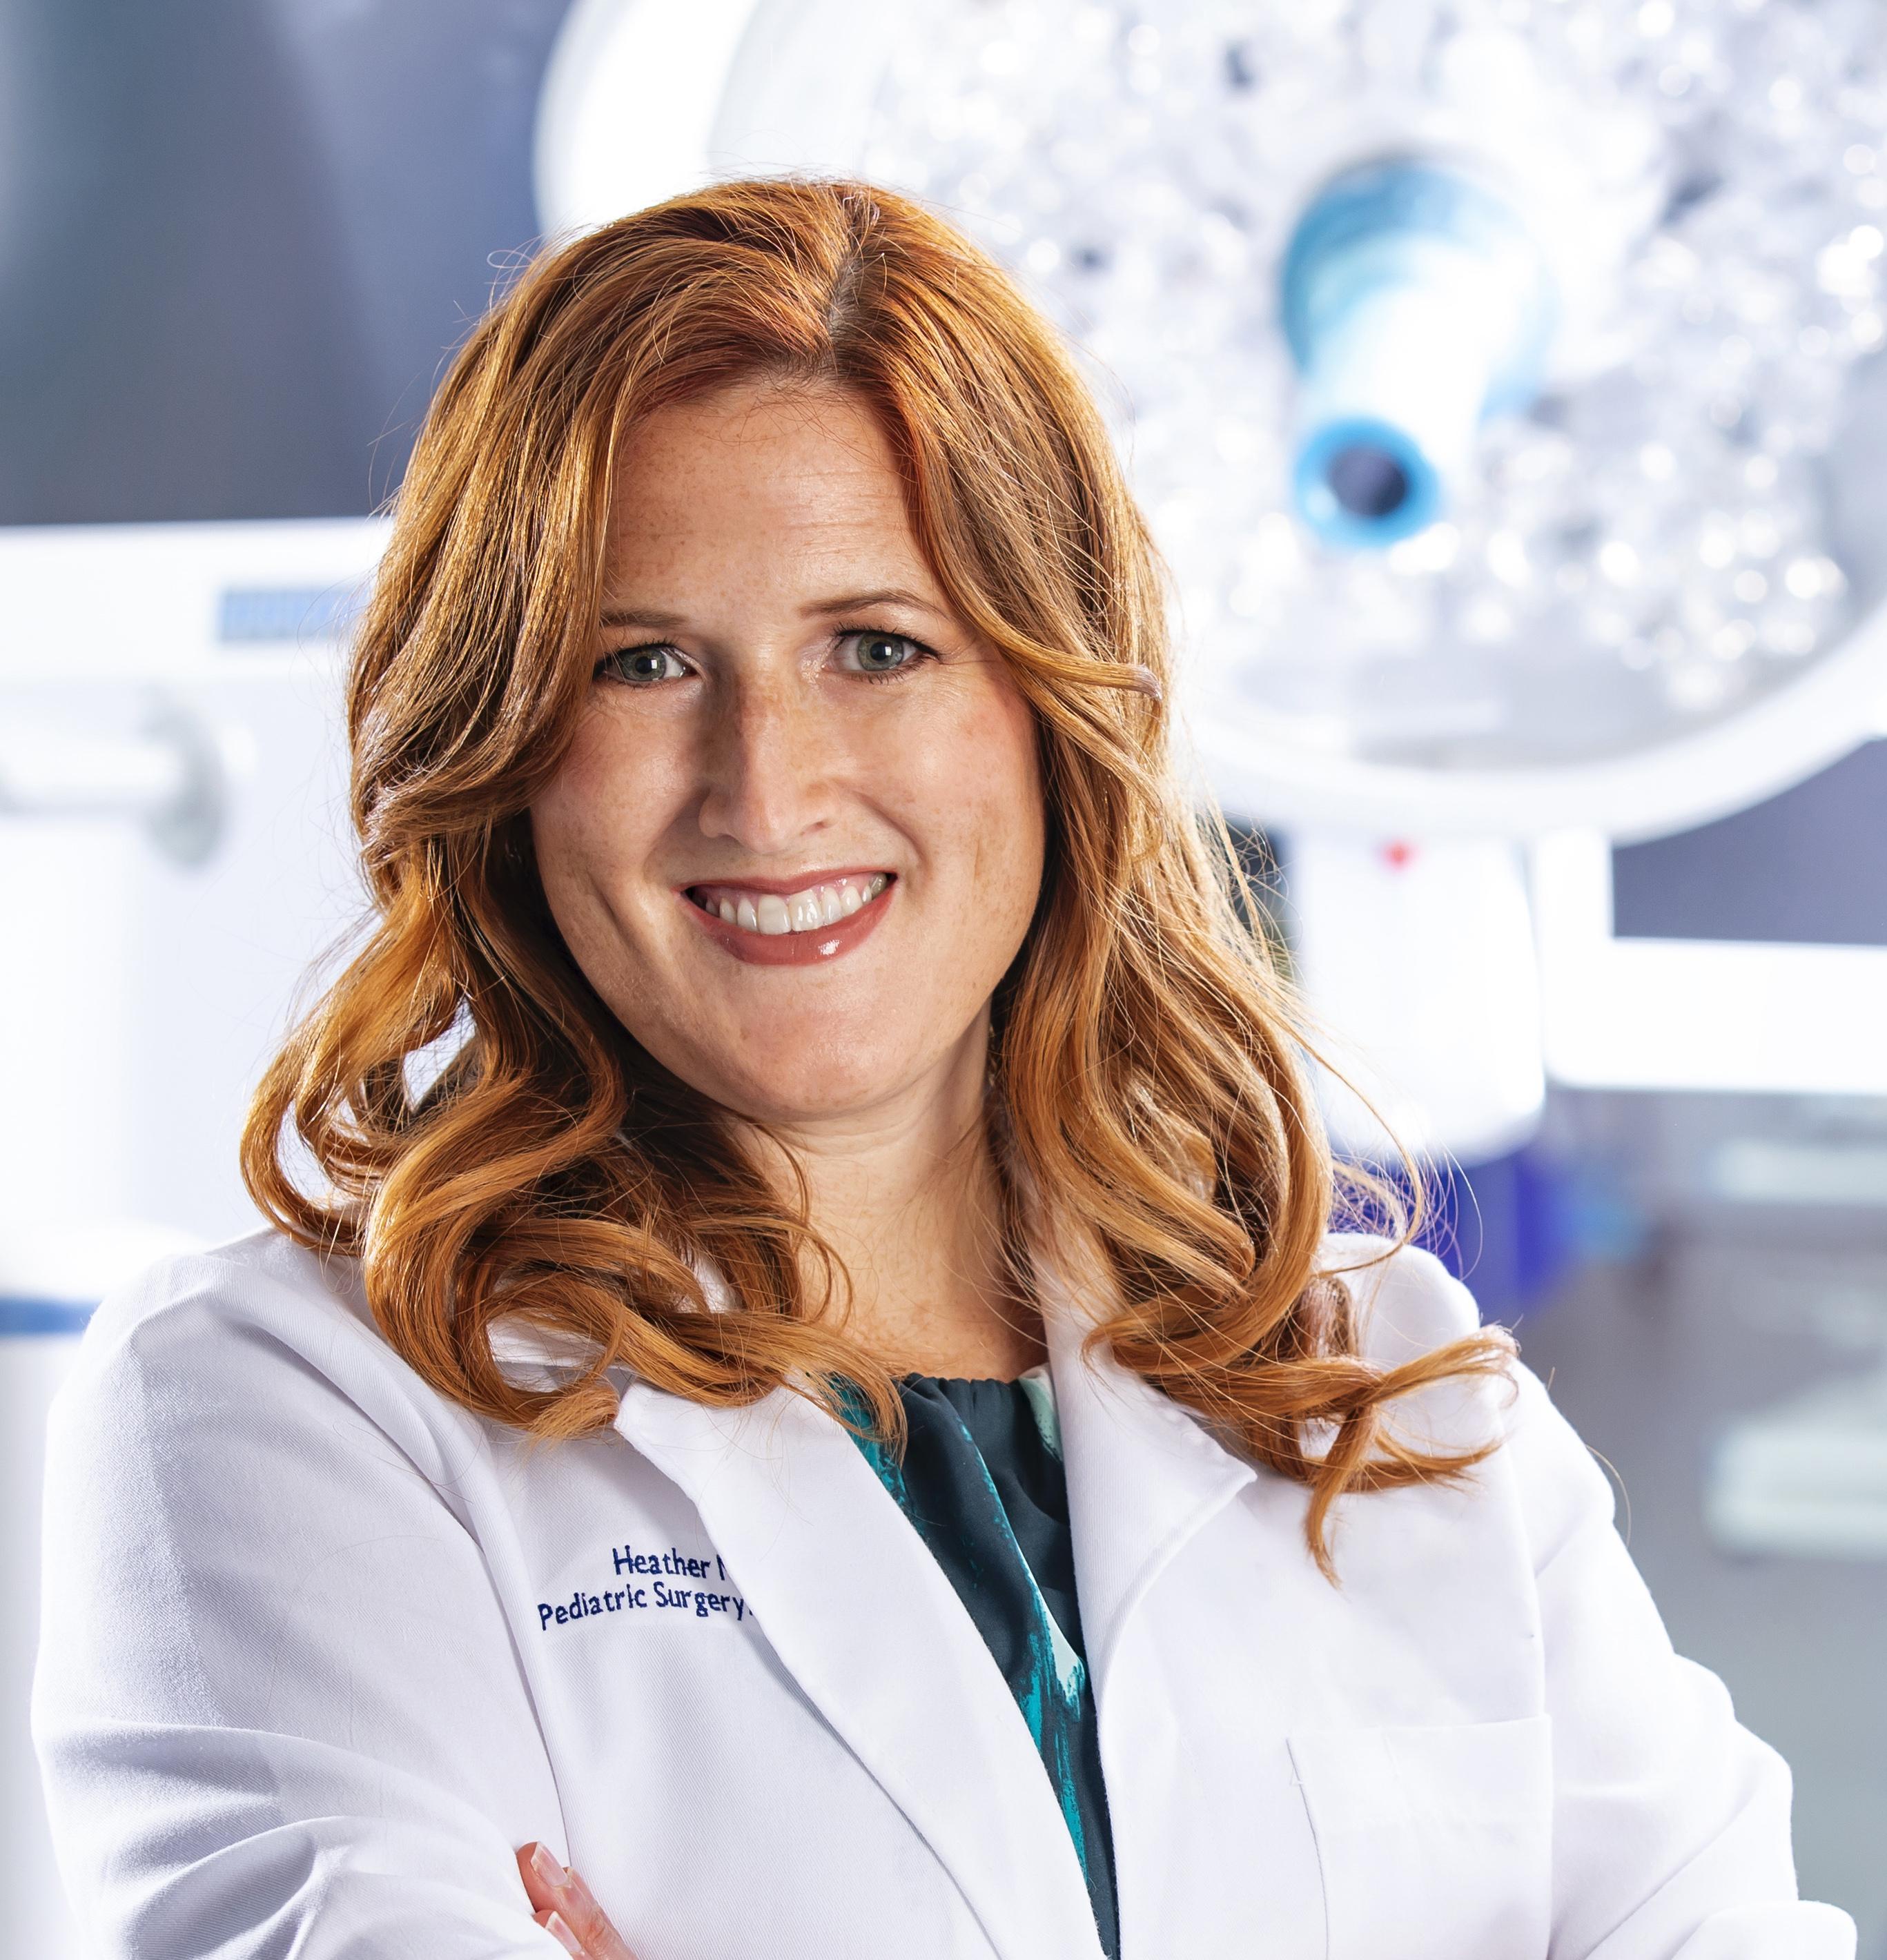 Heather Nolan, MD